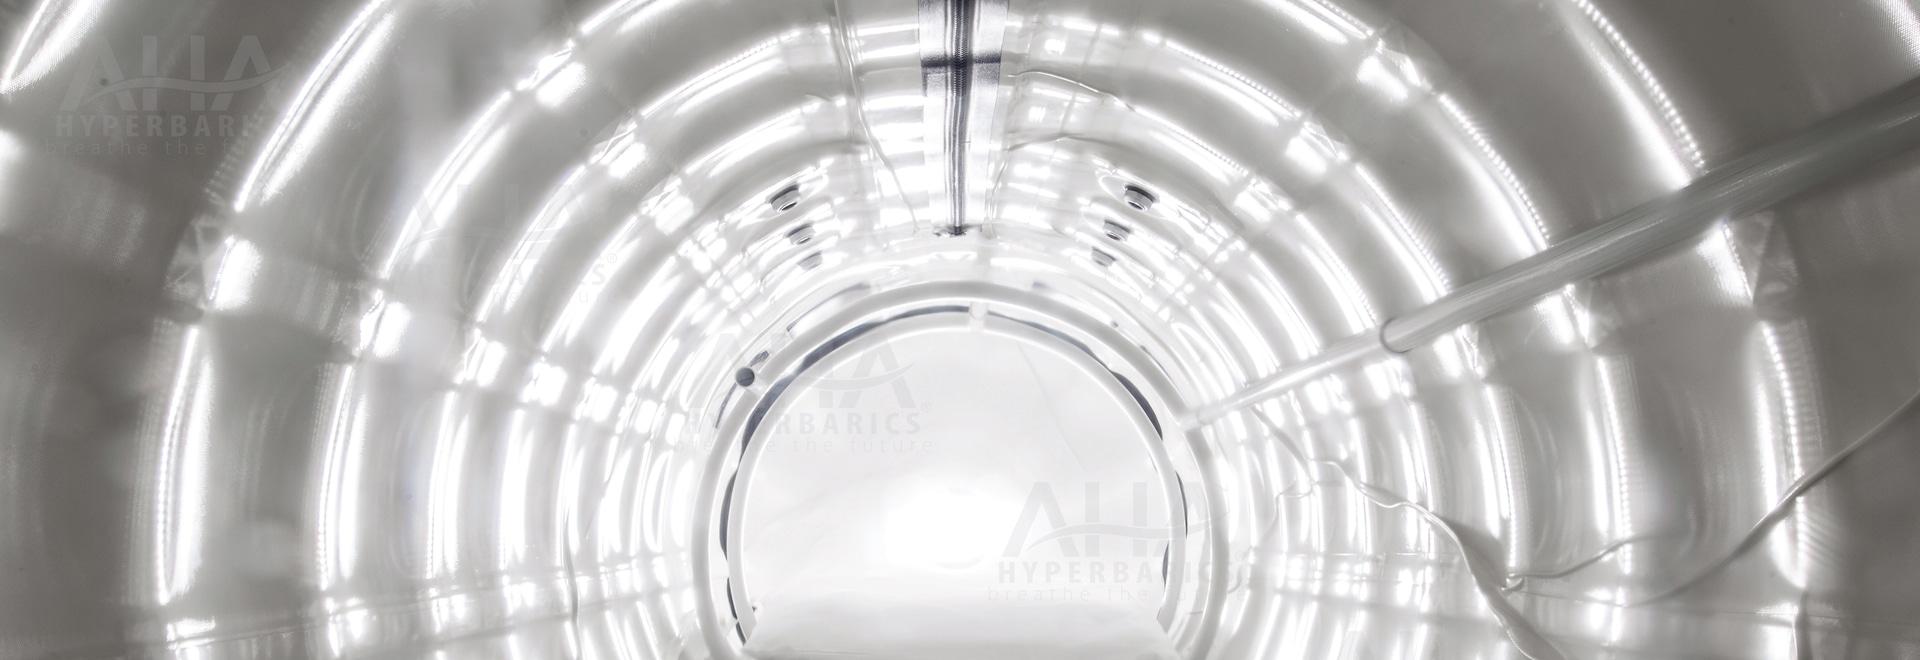 Cámara hiperbárica de la flexión de AHA